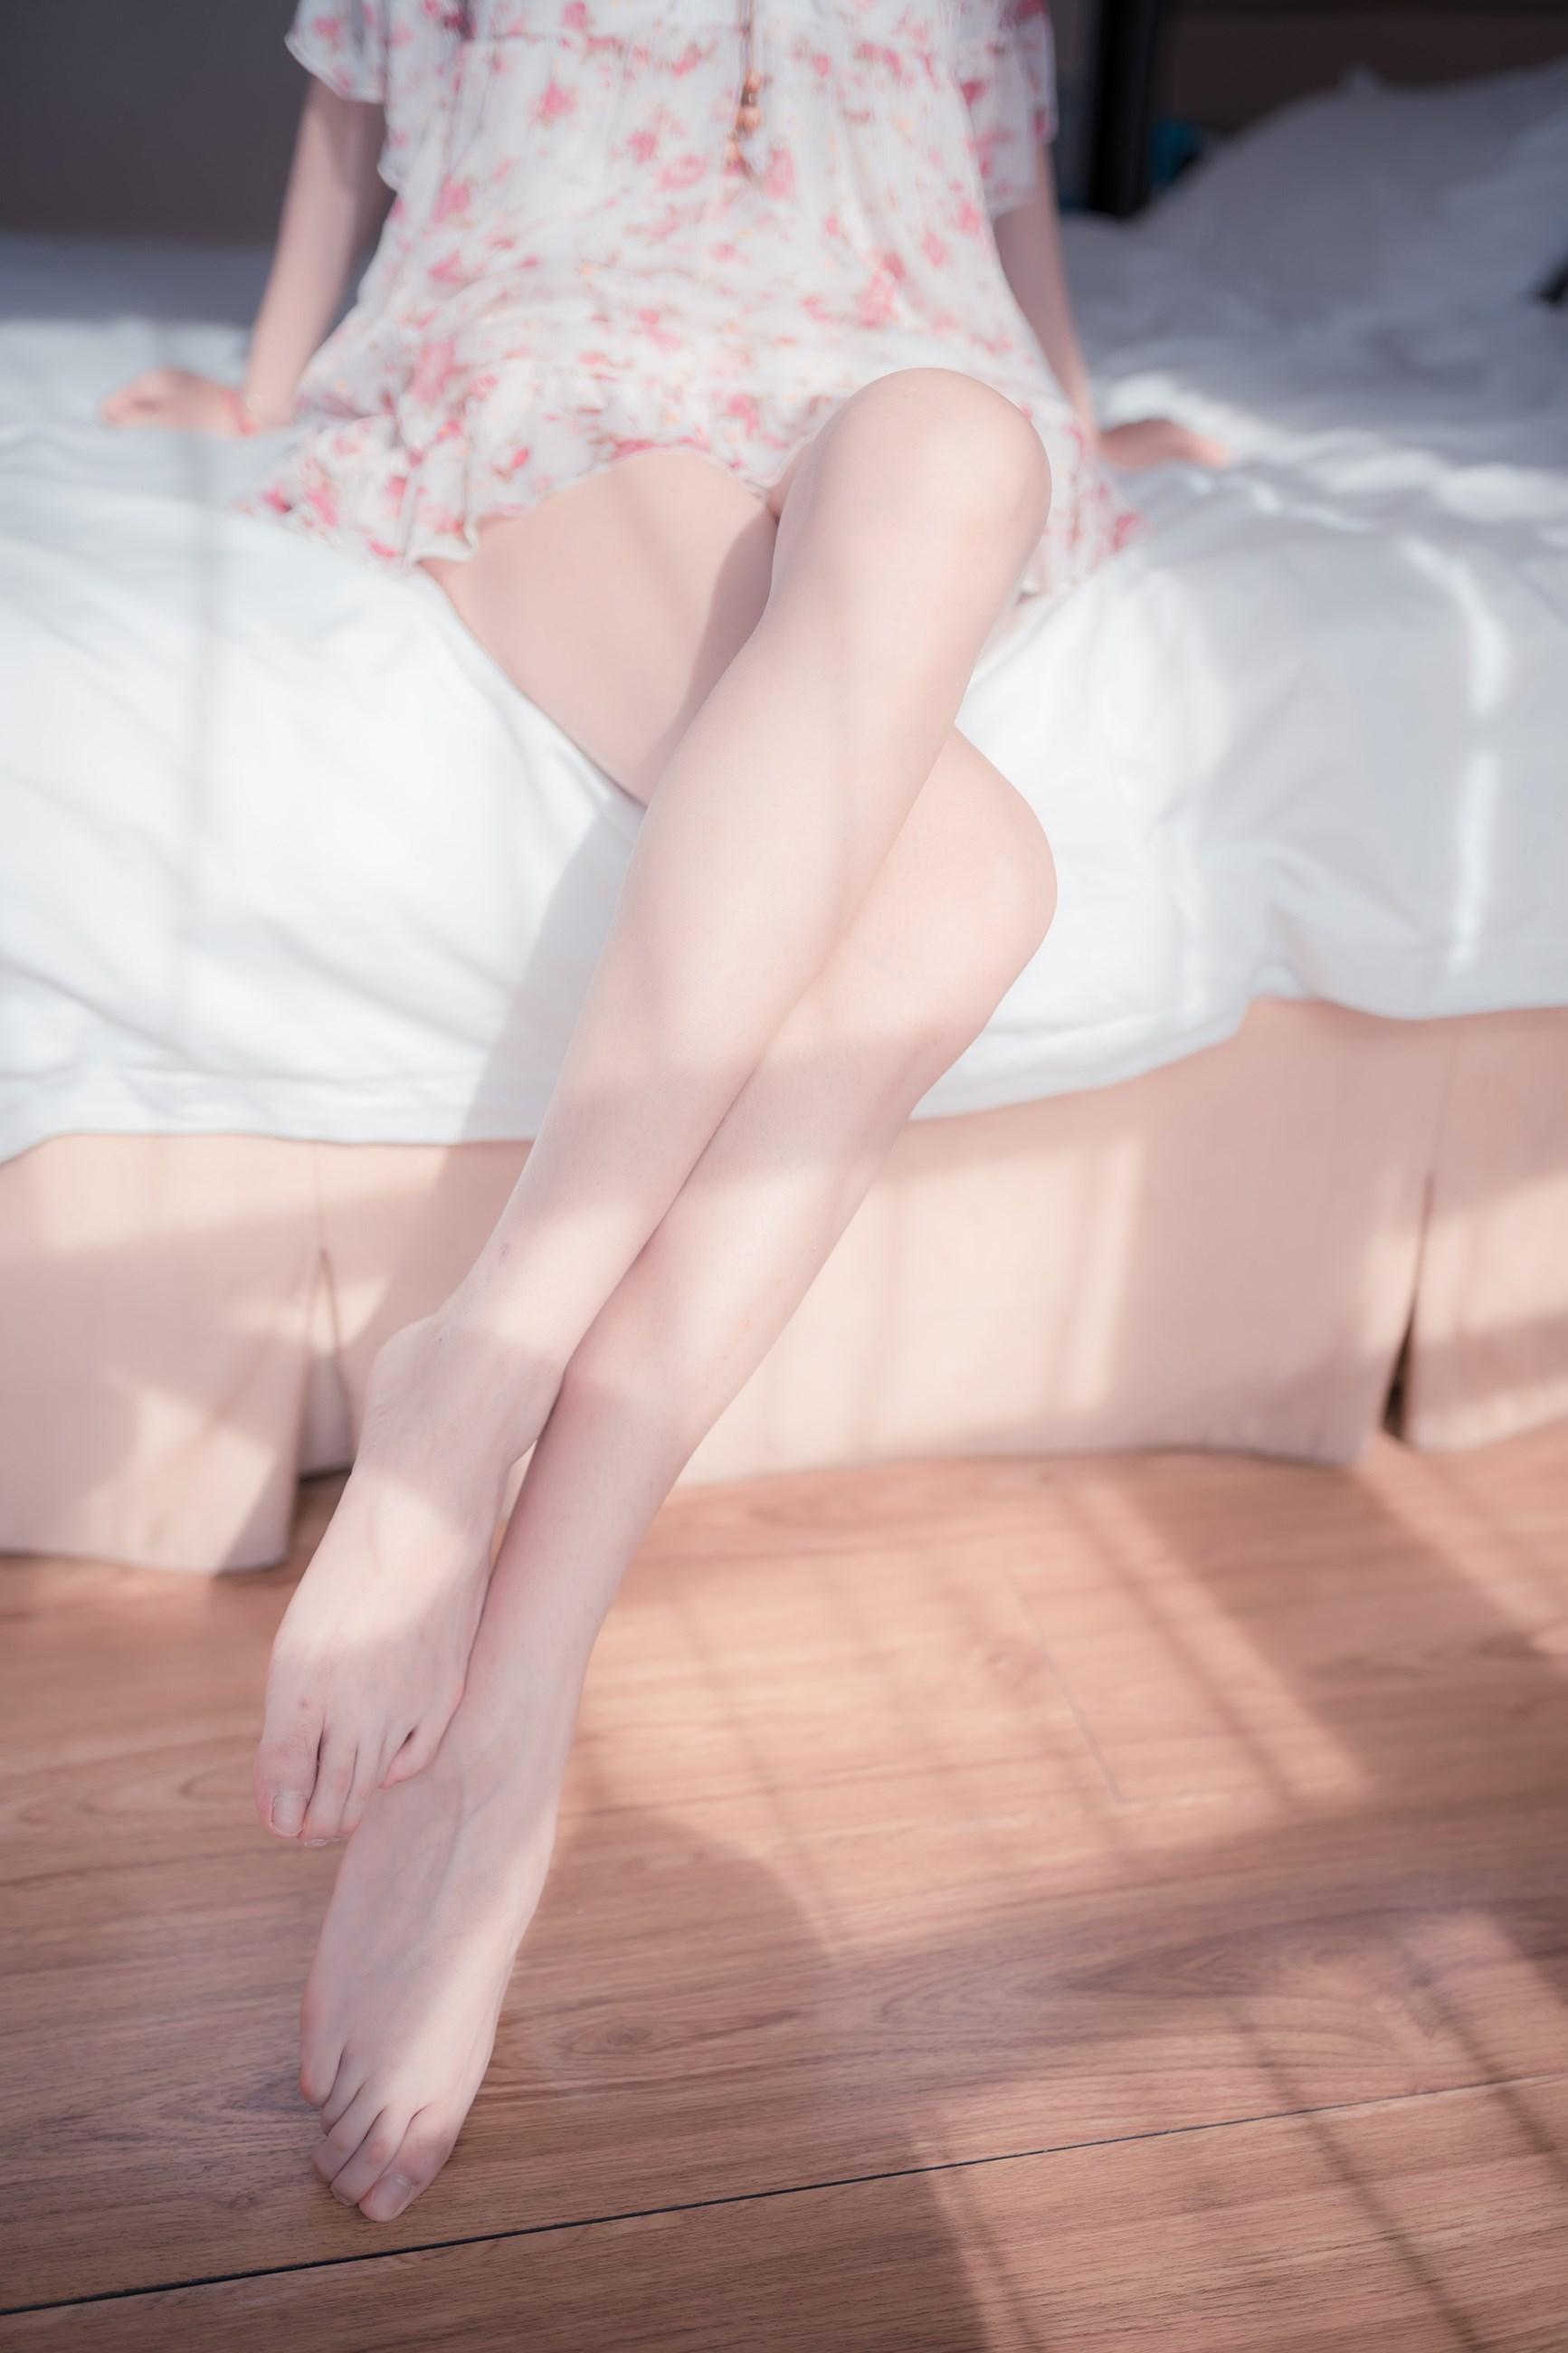 【兔玩映画】粉嫩嫩的小腿 兔玩映画 第43张